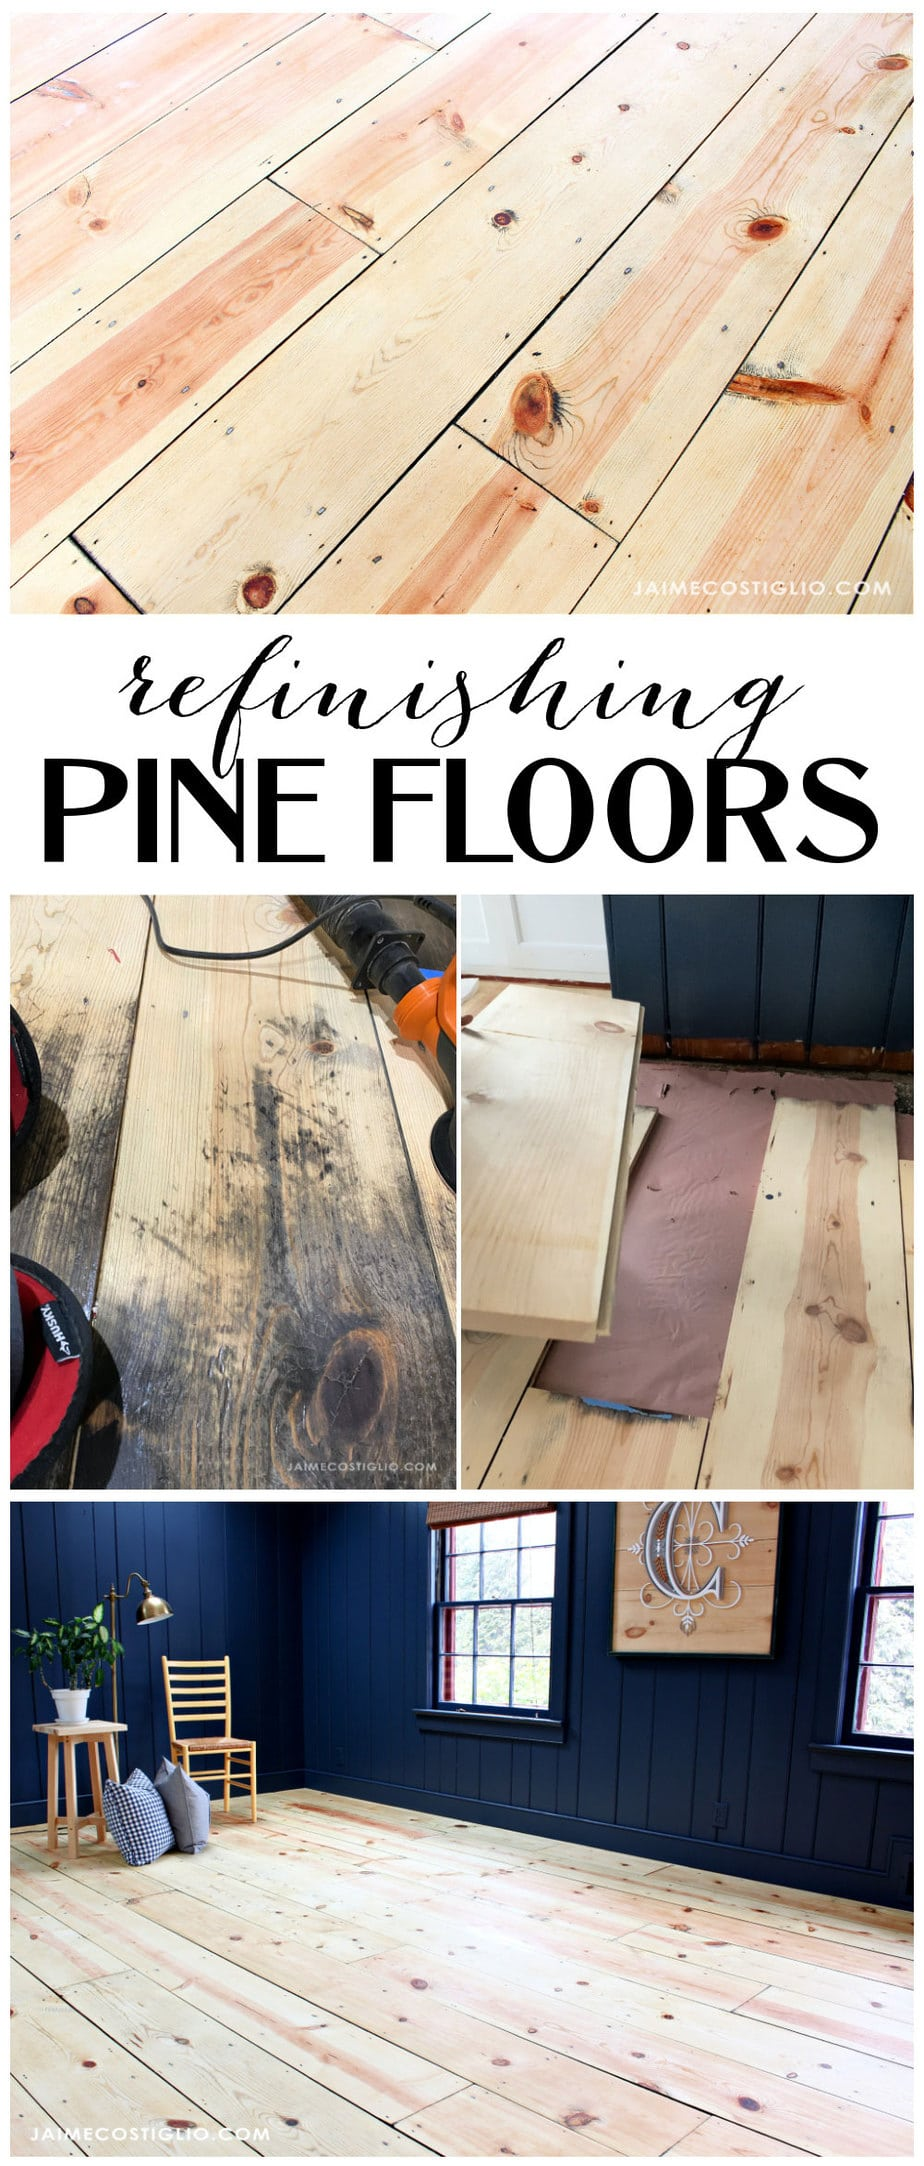 refinishing pine floors pinterest